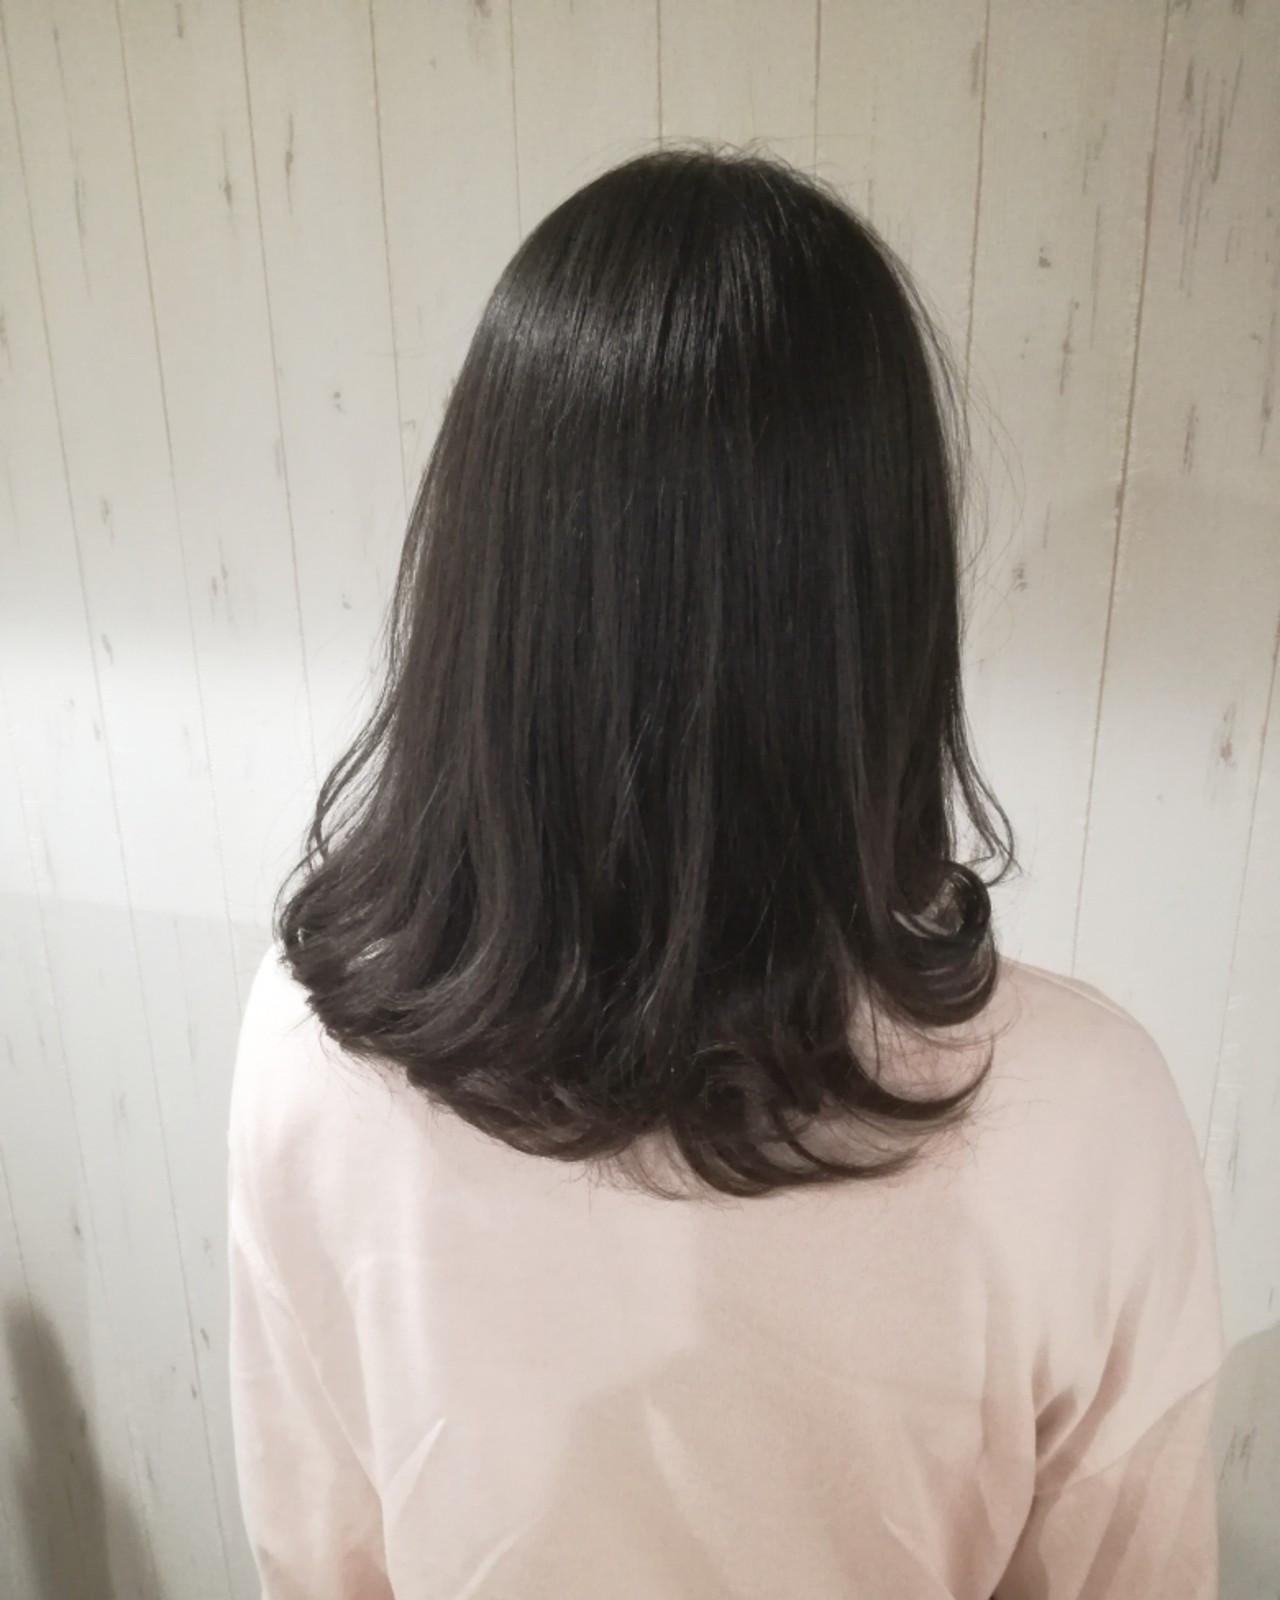 ミディアム 暗髪 アッシュ ナチュラル ヘアスタイルや髪型の写真・画像